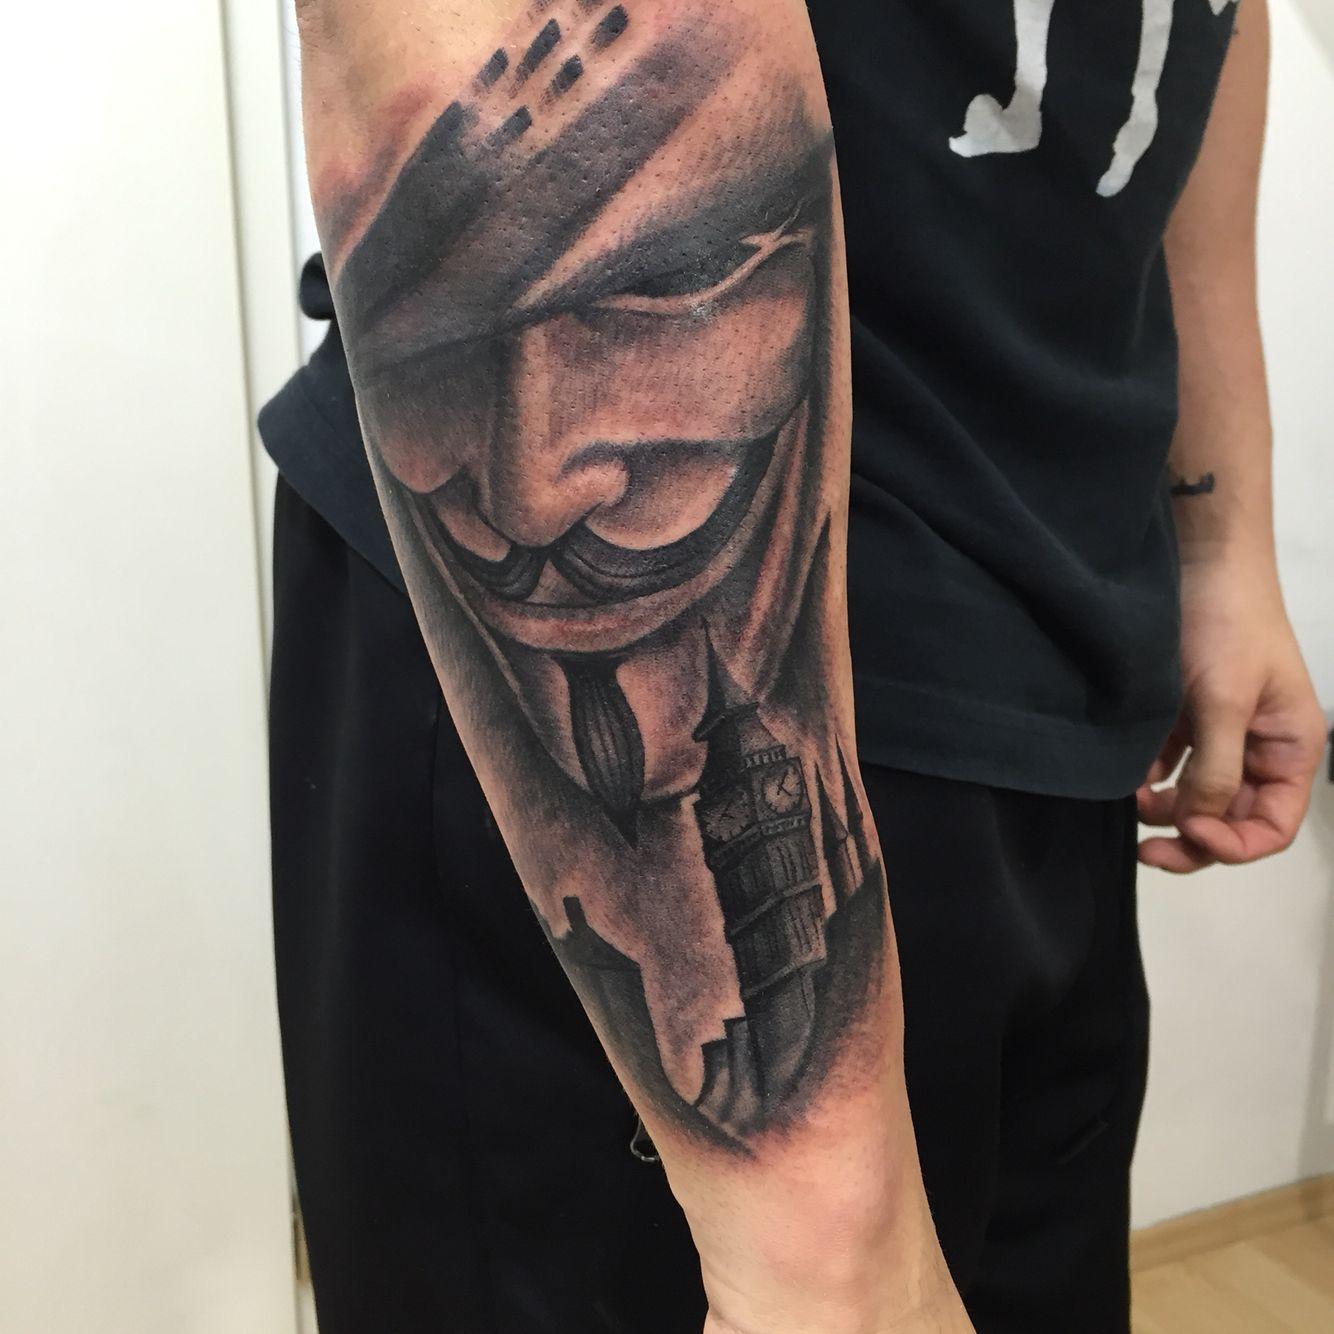 My New Tattoo Ink Inked Tattoo Tat Bigben London